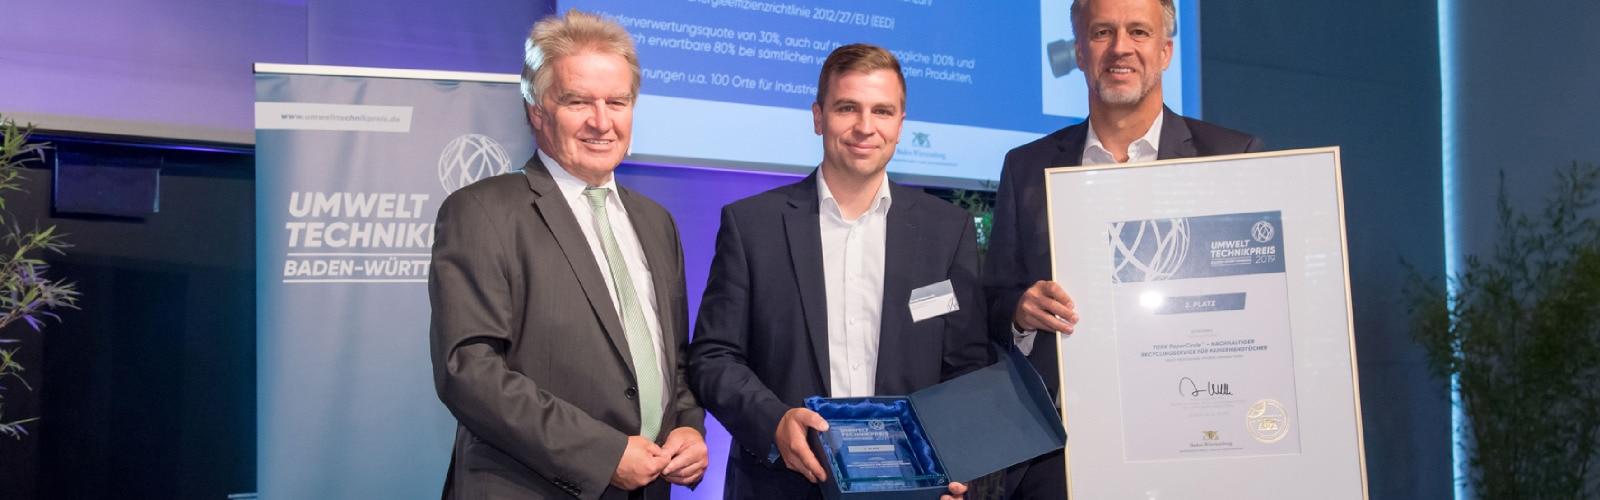 Tork_Auszeichnung mit dem Umwelttechnikpreis 2019_original.jpg